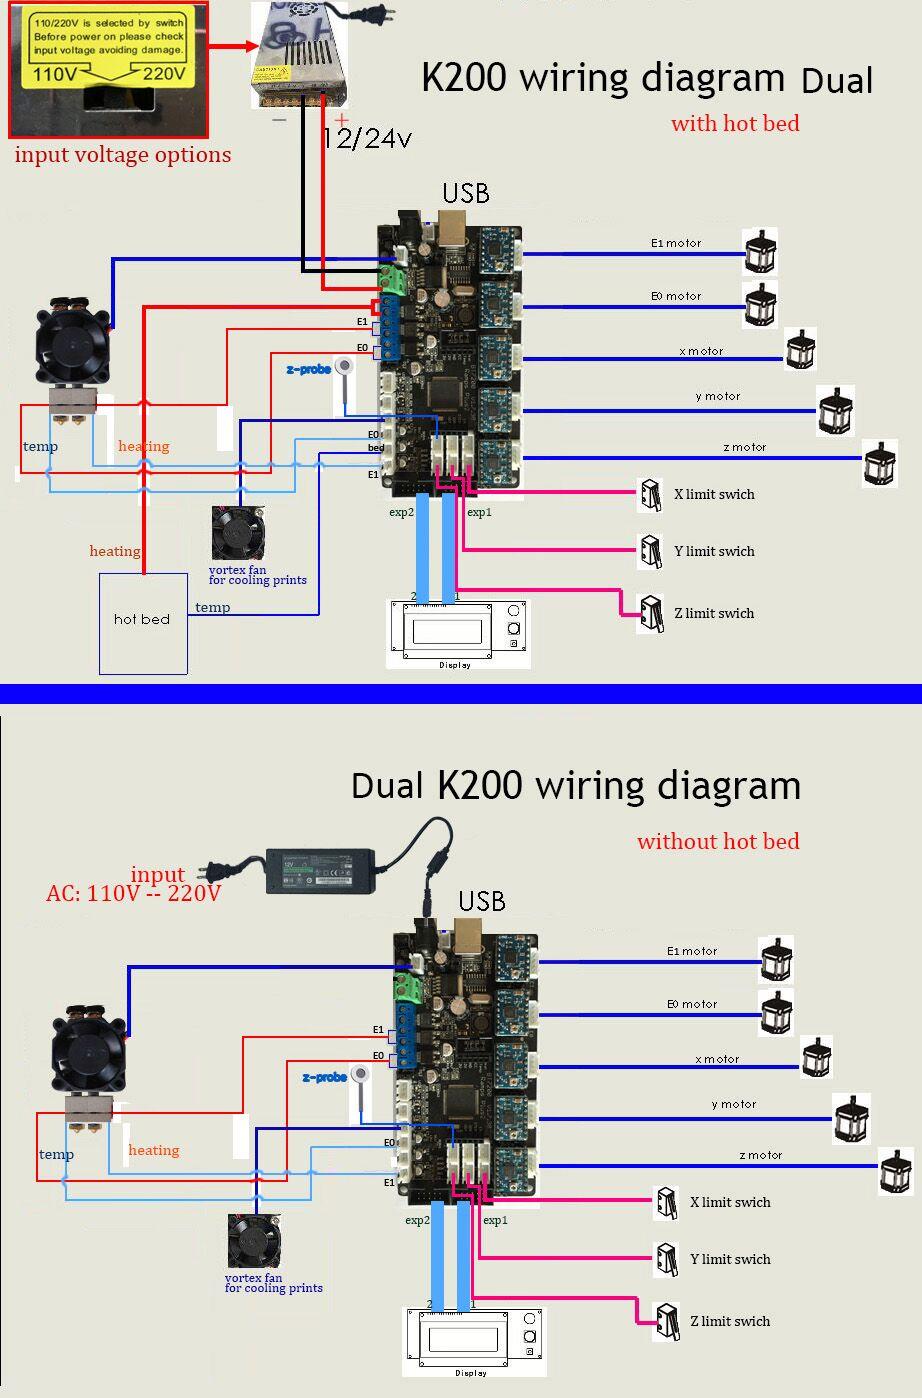 K200 Reprap Dual Wiring Diagram